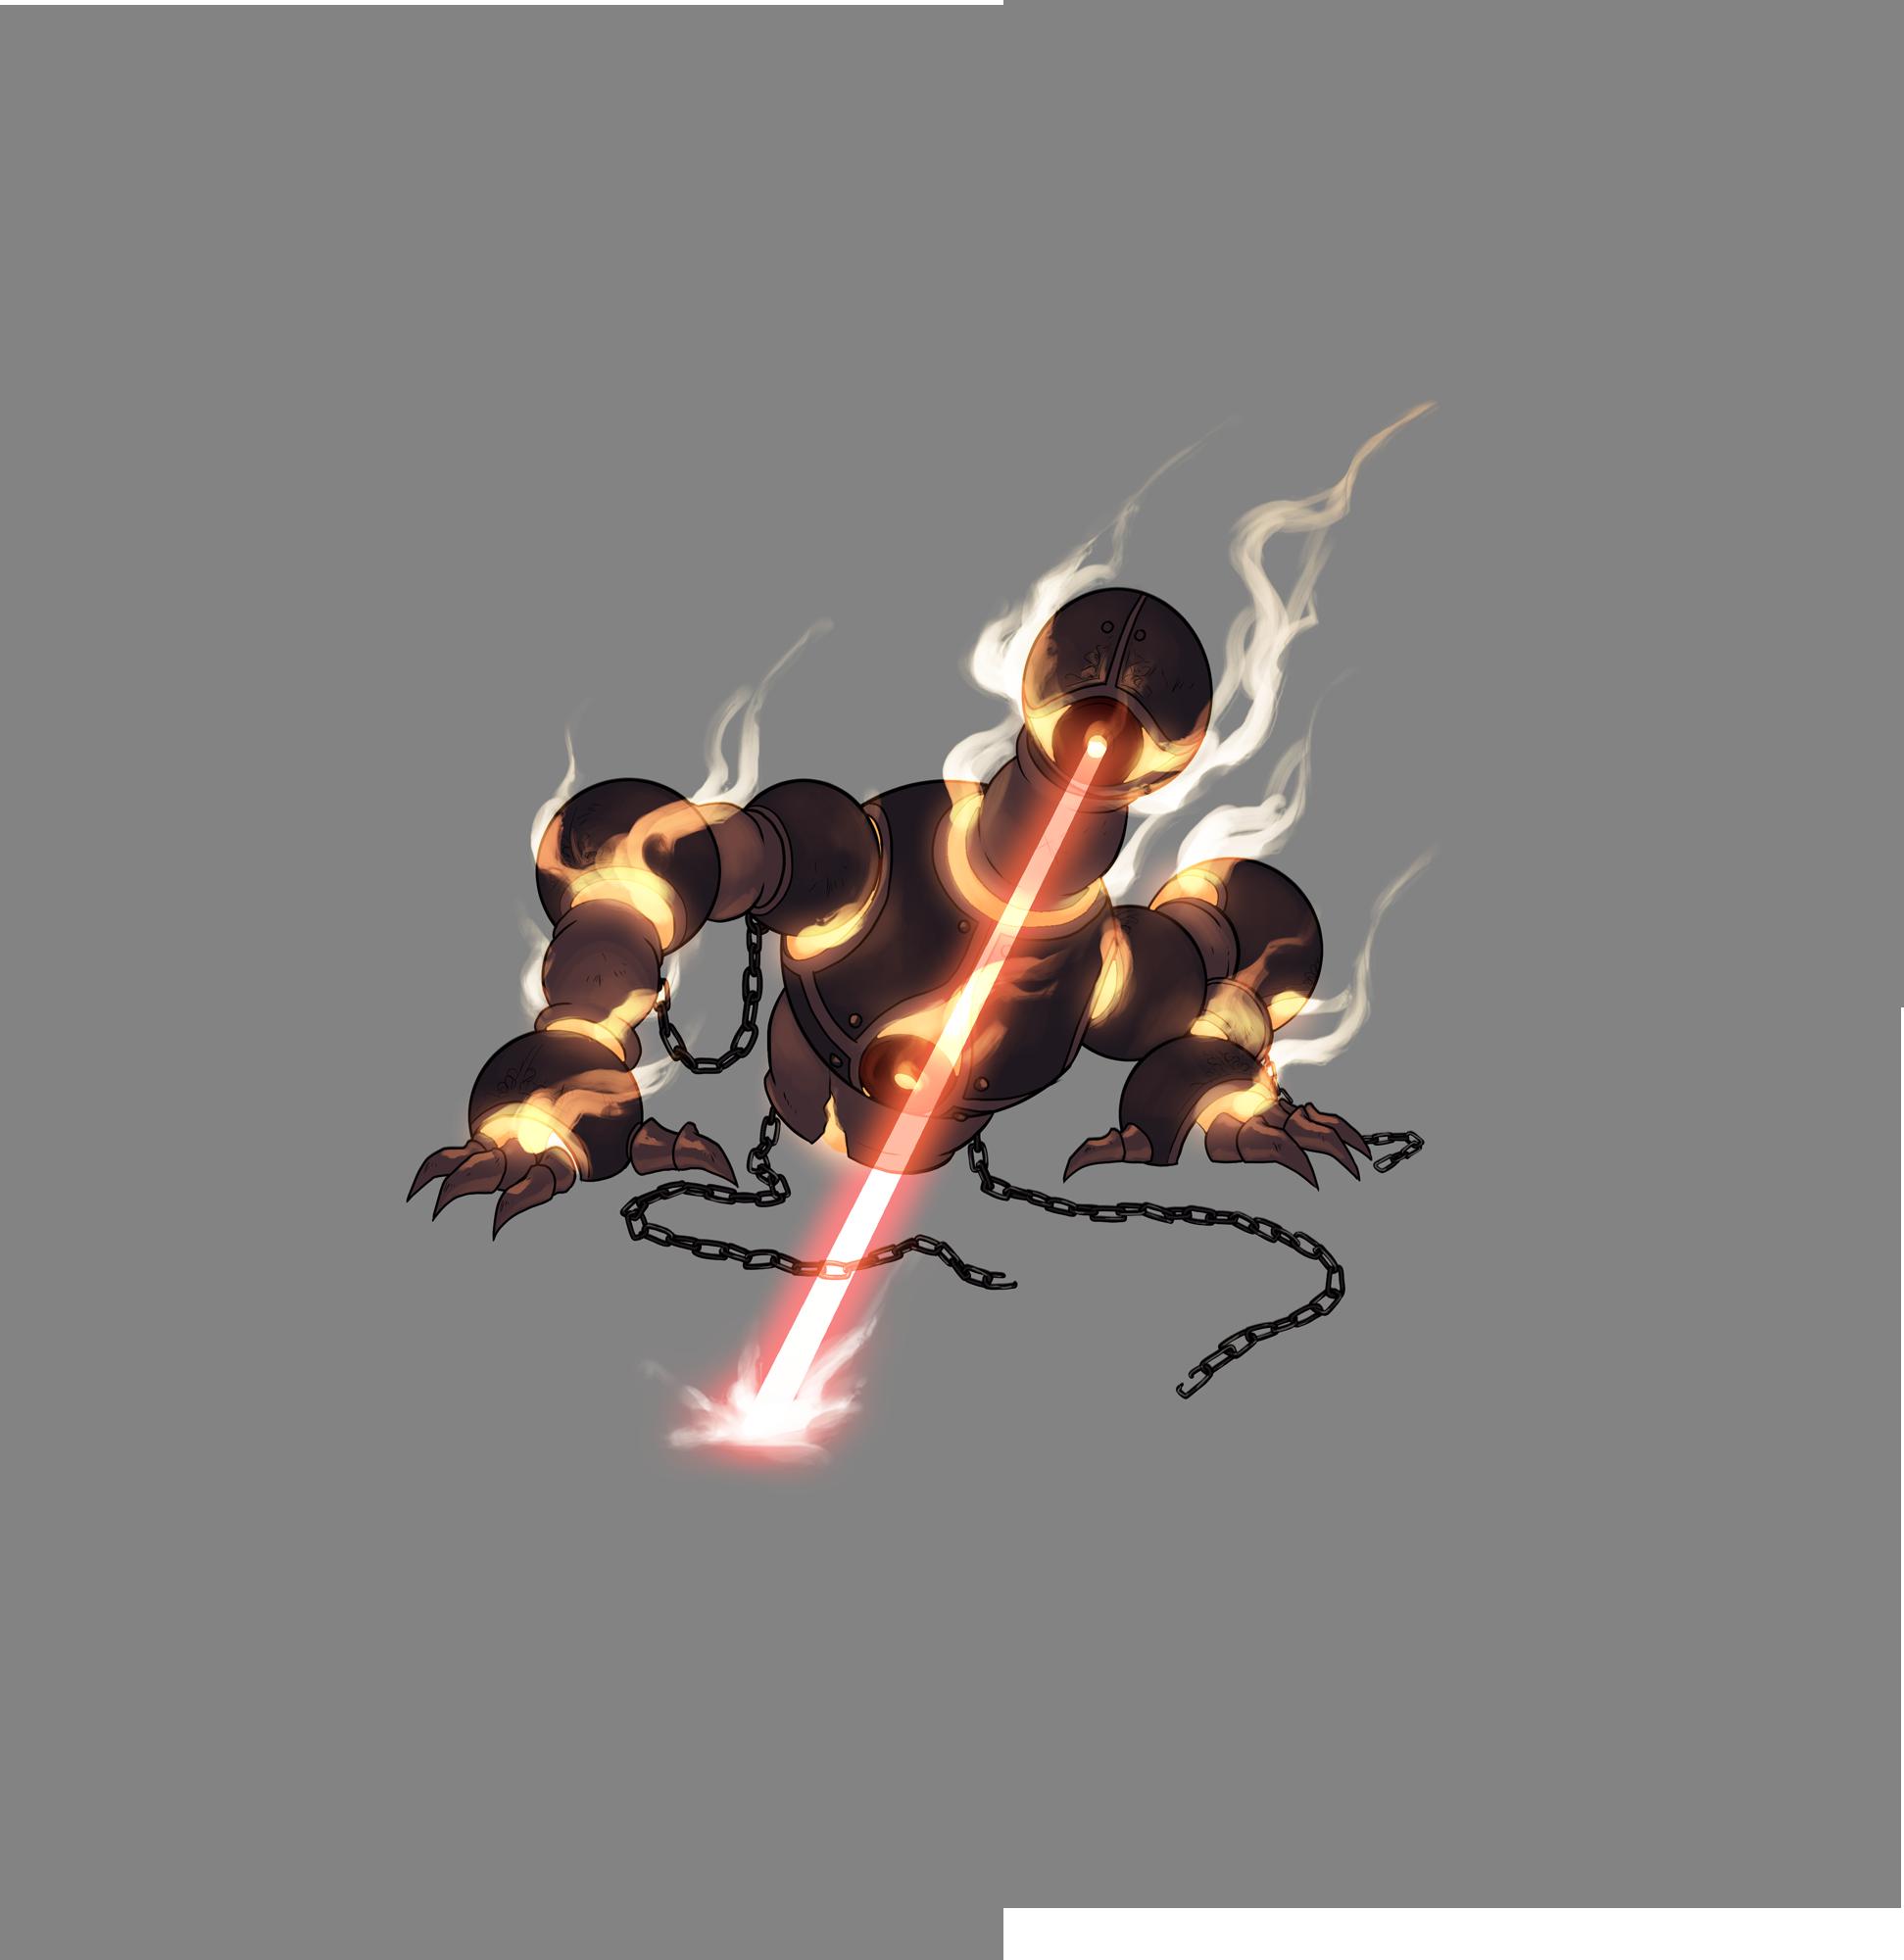 fireboss-FIN by LaudyLau